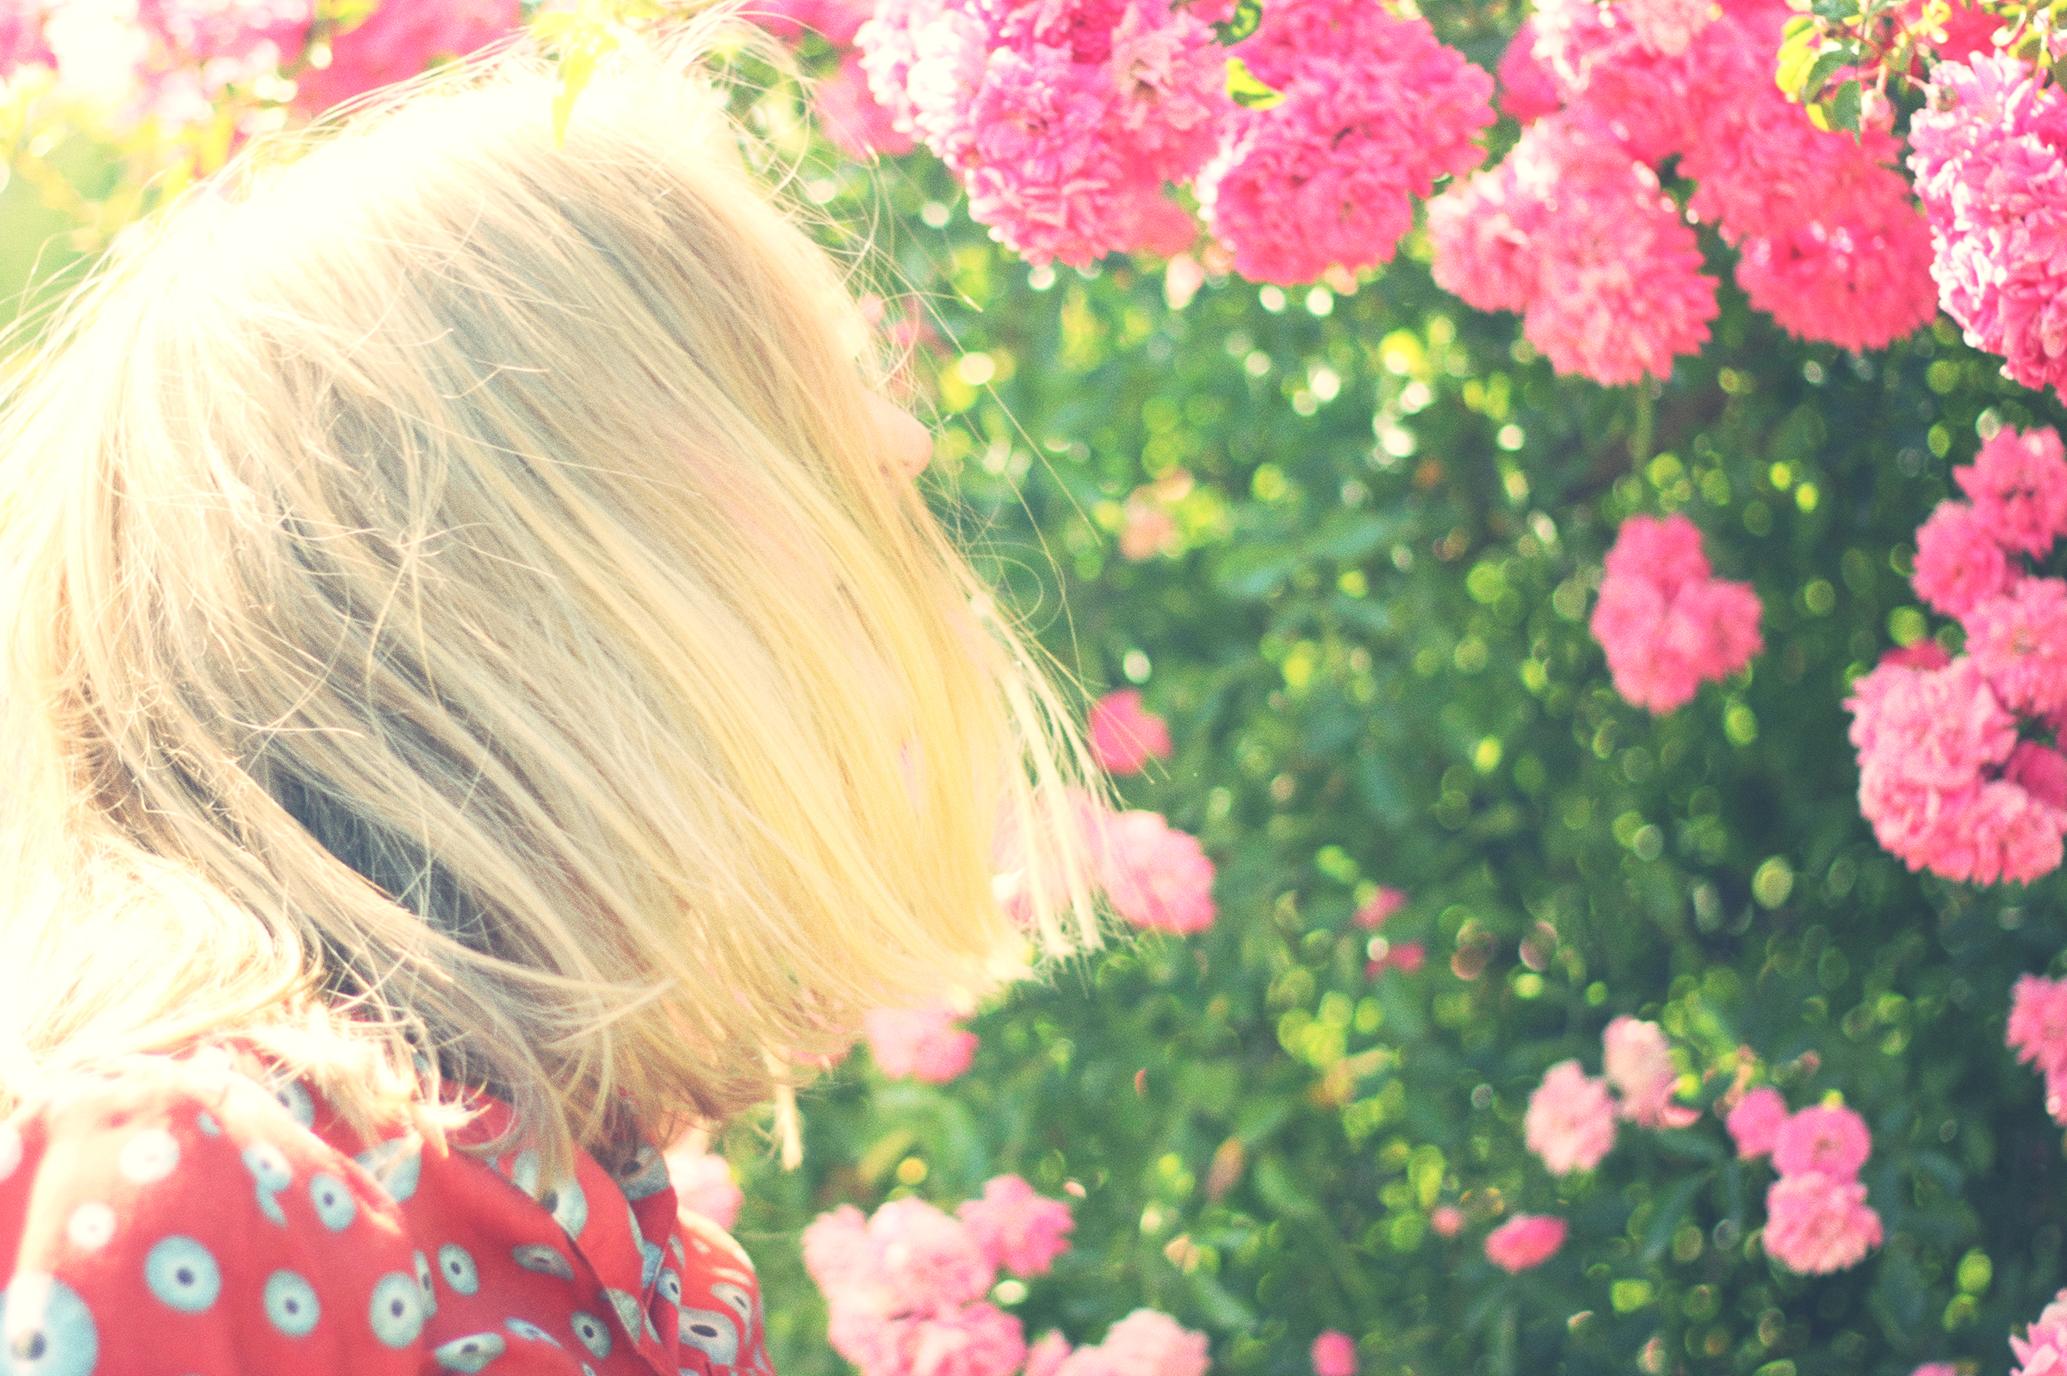 Ganz schön happy: Der Glücksbaustoff Tryptophan sorgt für gute Stimmung. © pexels.com